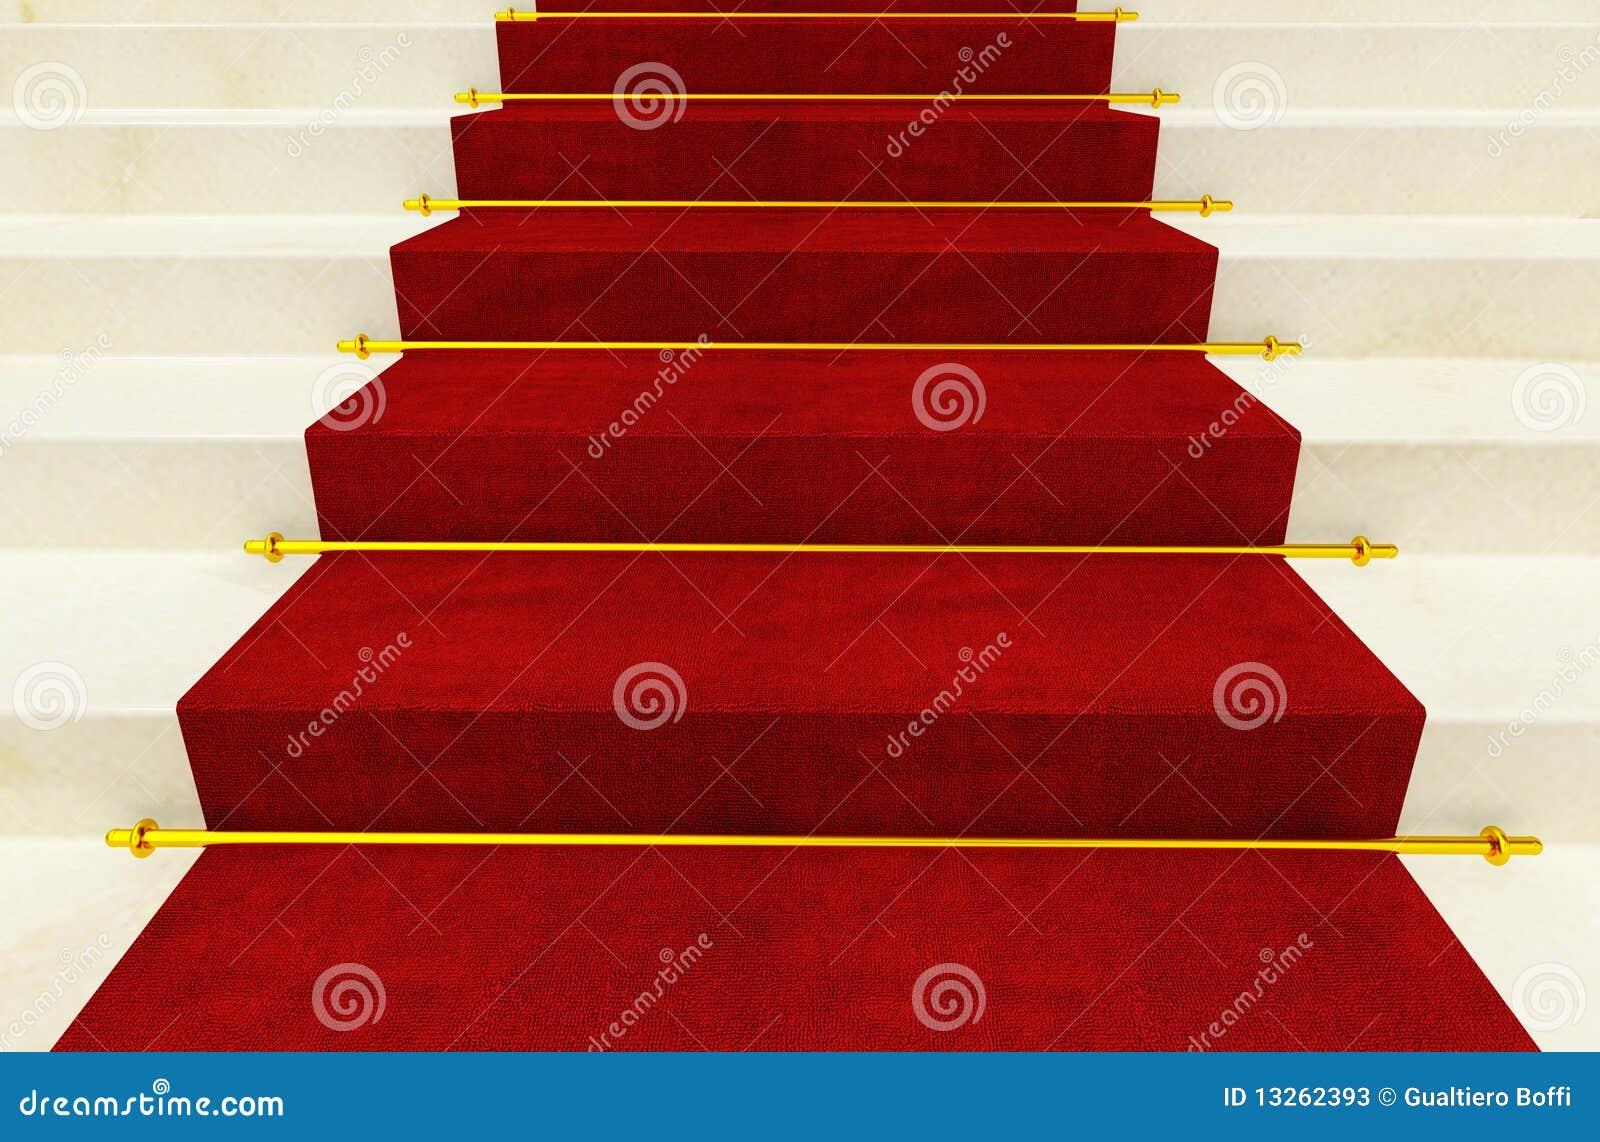 Escalera y alfombra roja stock de ilustraci n imagen de - Alfombra para escalera ...